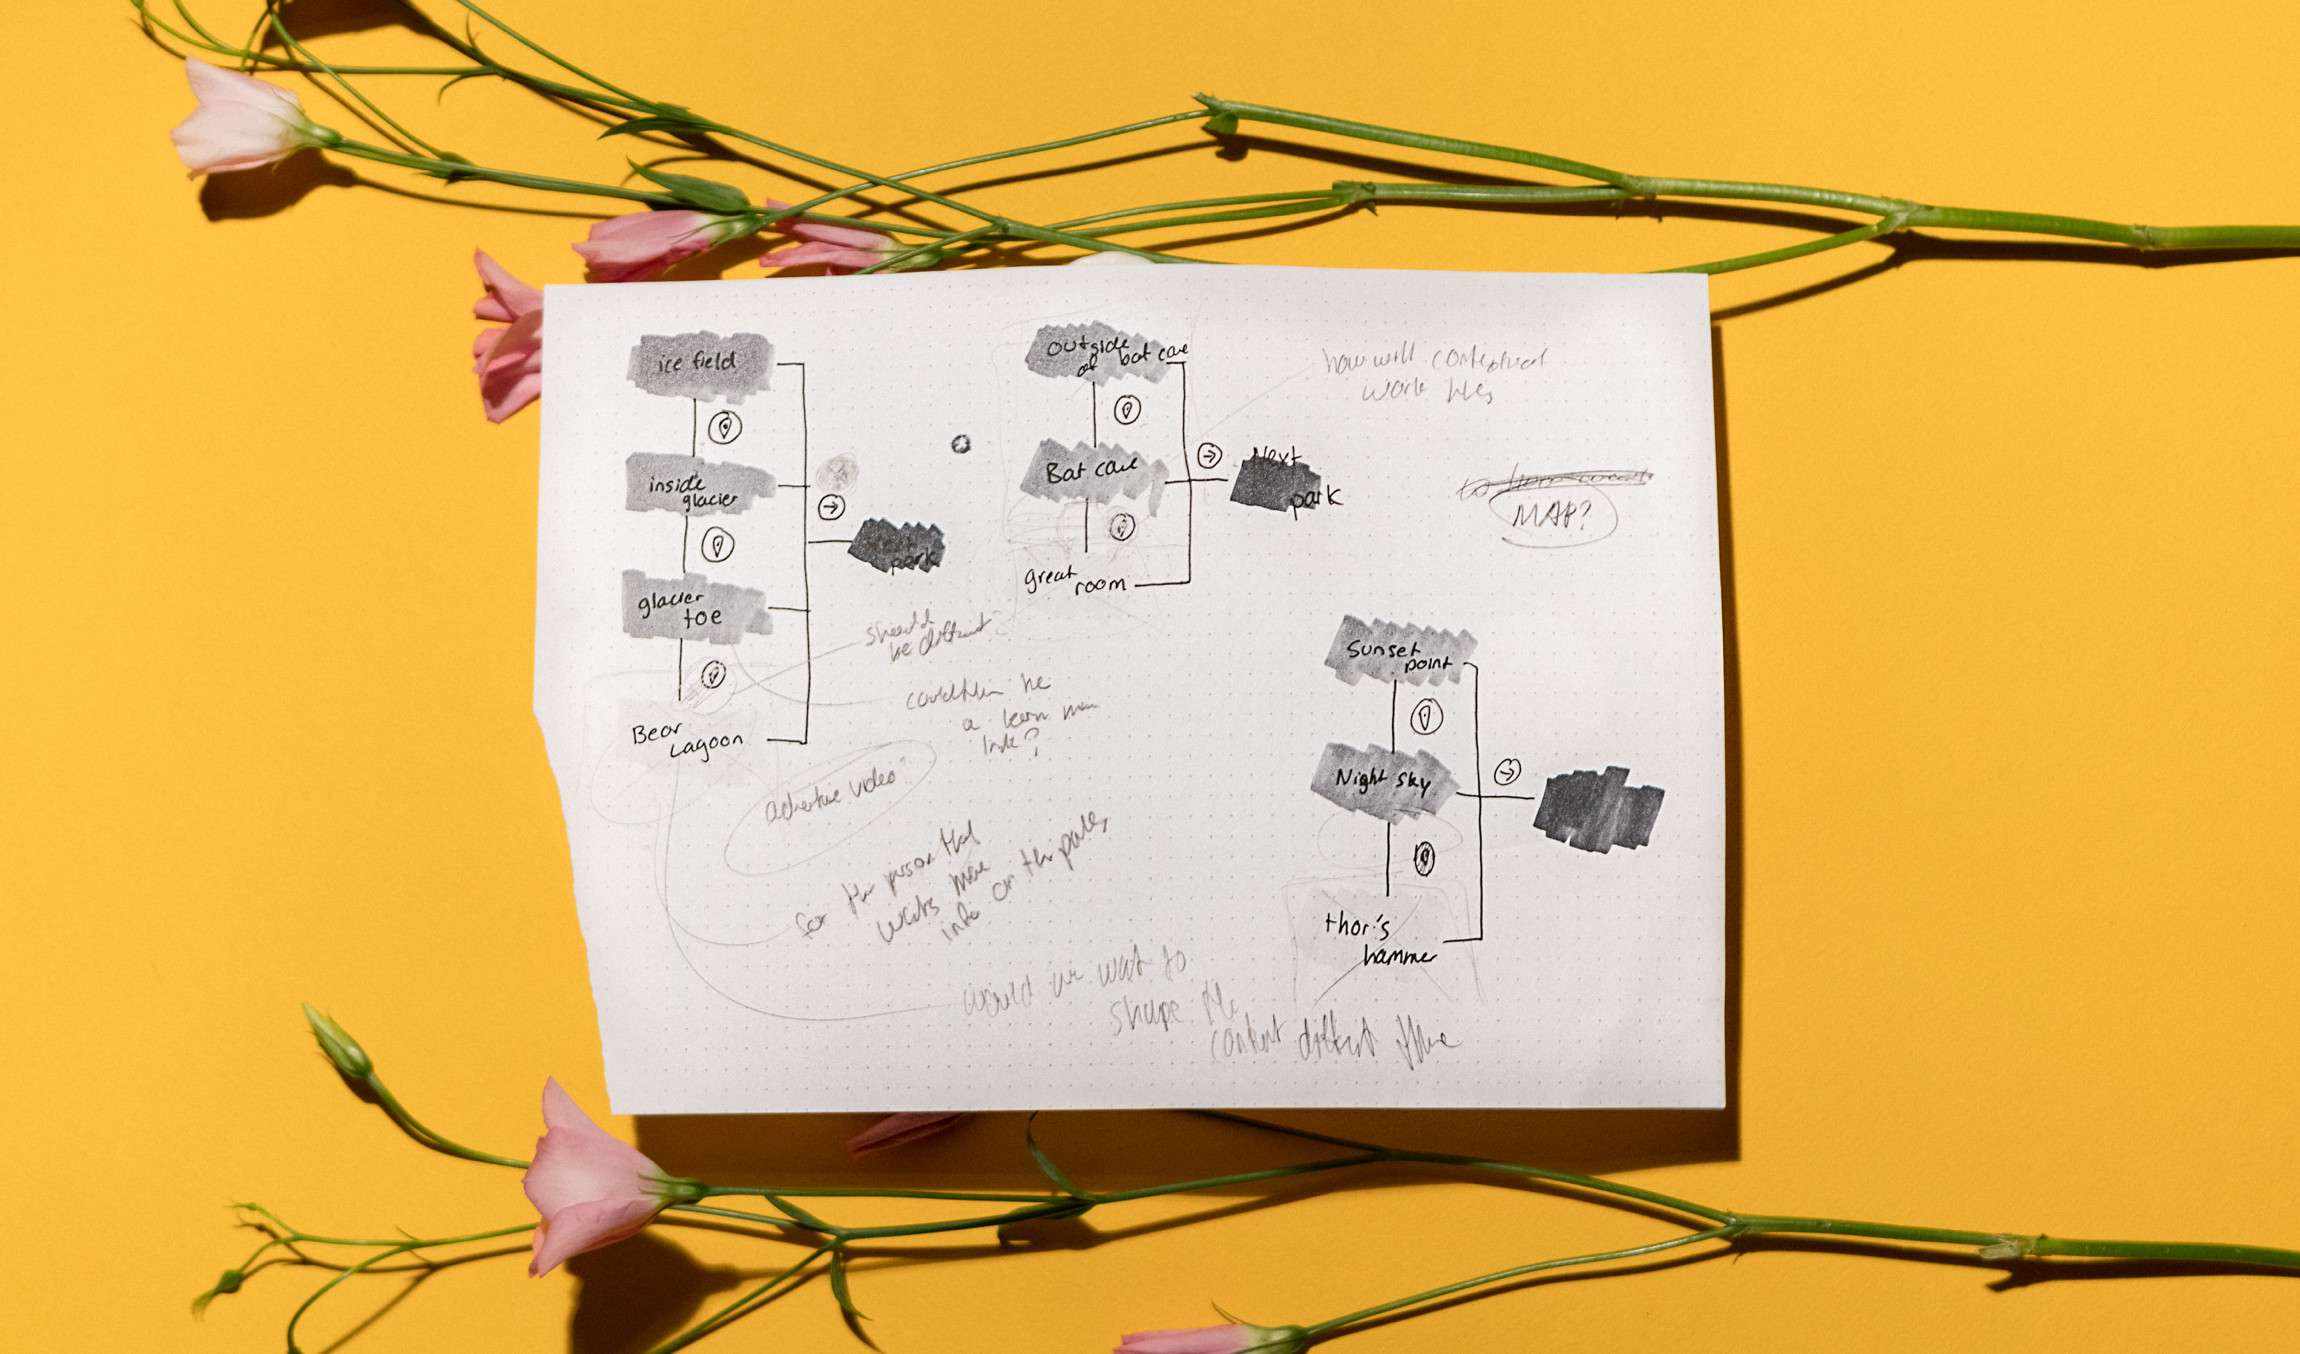 lizvwells-casestudy-hiddenworldsofthenationalparks-sketch1